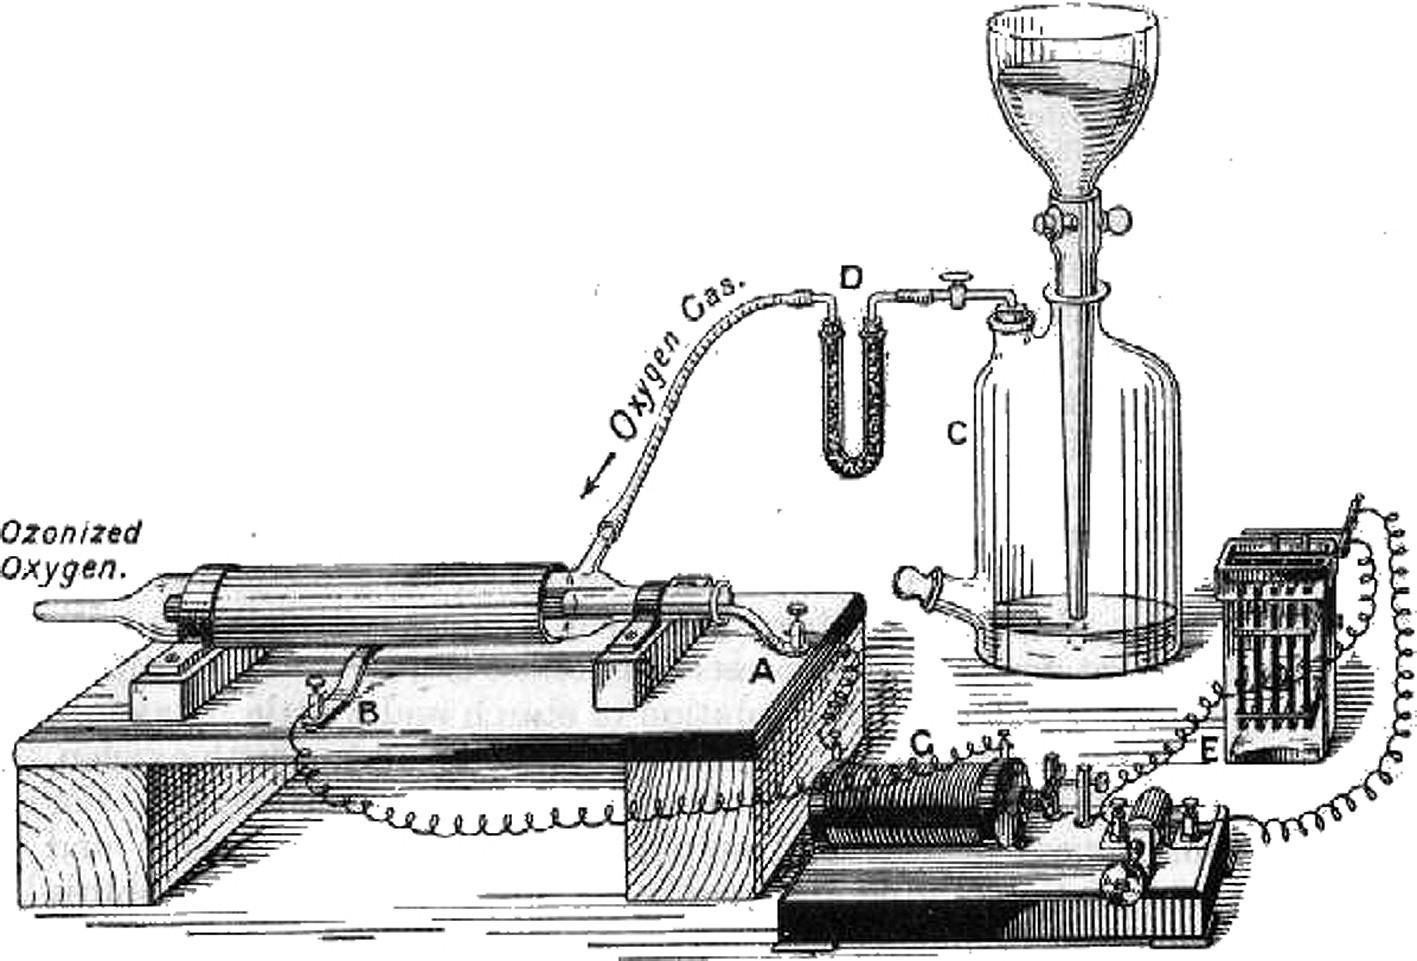 Ozónové generátory vyrobené roku 1857 Wernerem Siemensem.